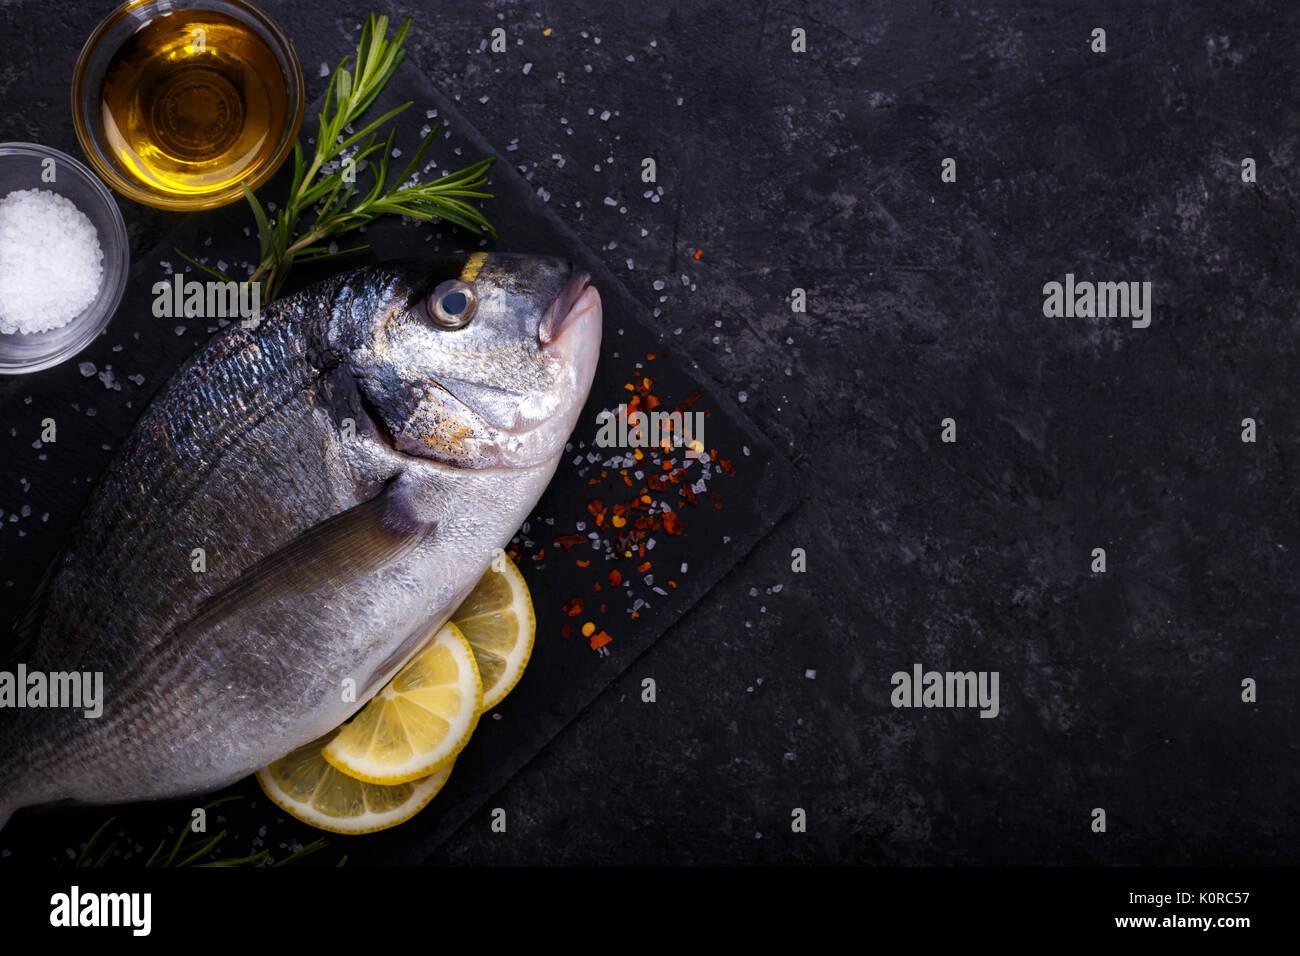 Frische rohe Dorade Fisch mit Zitronenscheiben, Salz, Rosmarin und Olivenöl aus schwarzem Schiefer Hintergrund. Stockbild